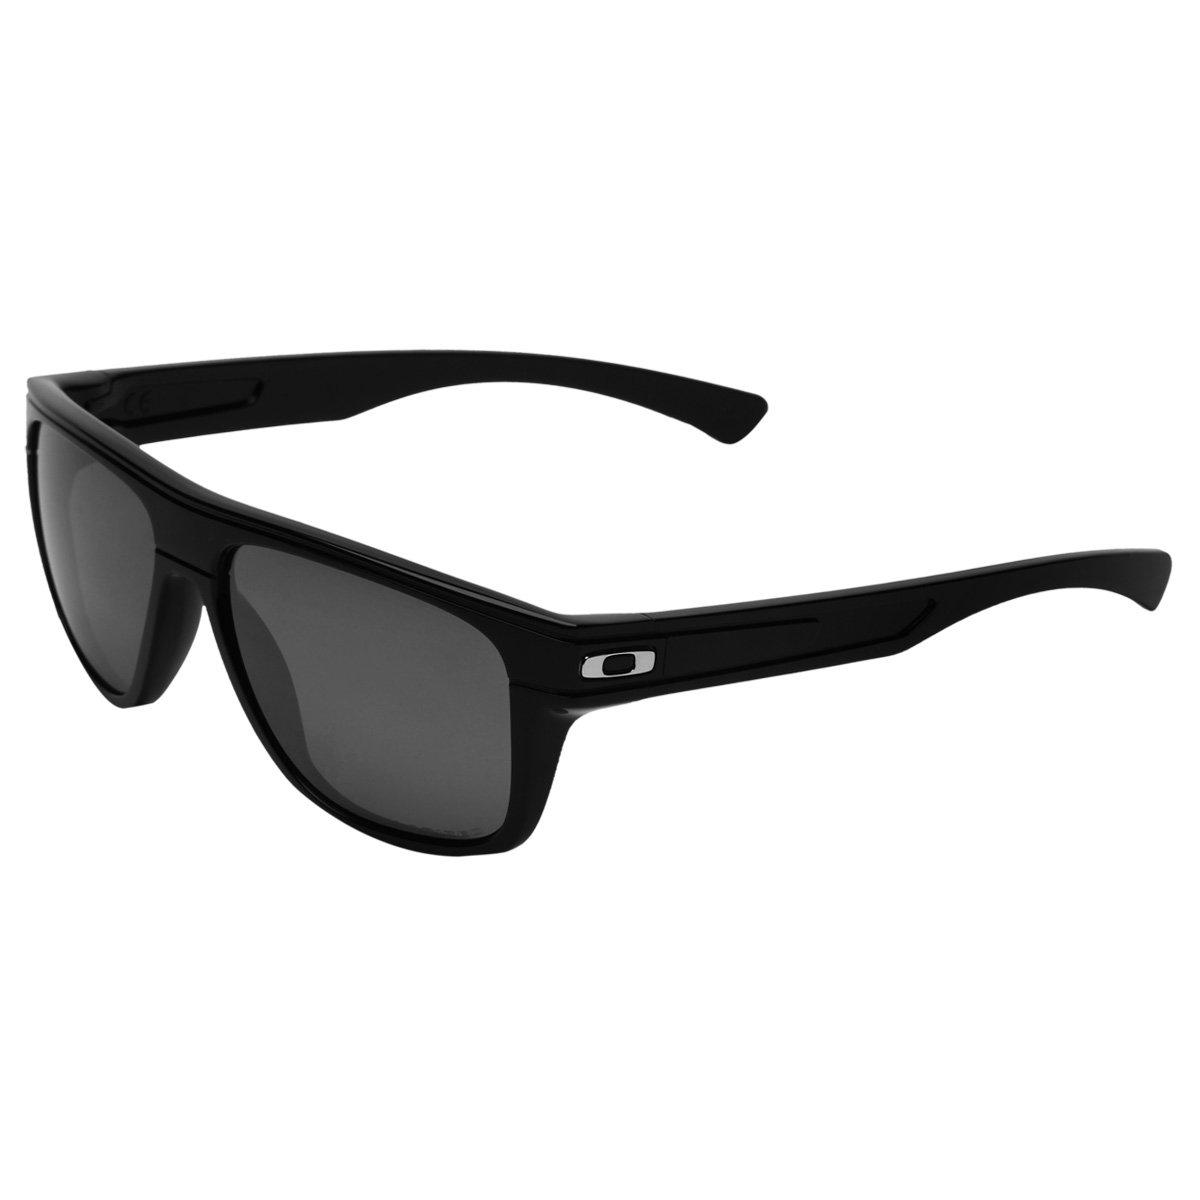 482ade015467e Óculos de Sol Oakley Breadbox Iridium - Compre Agora